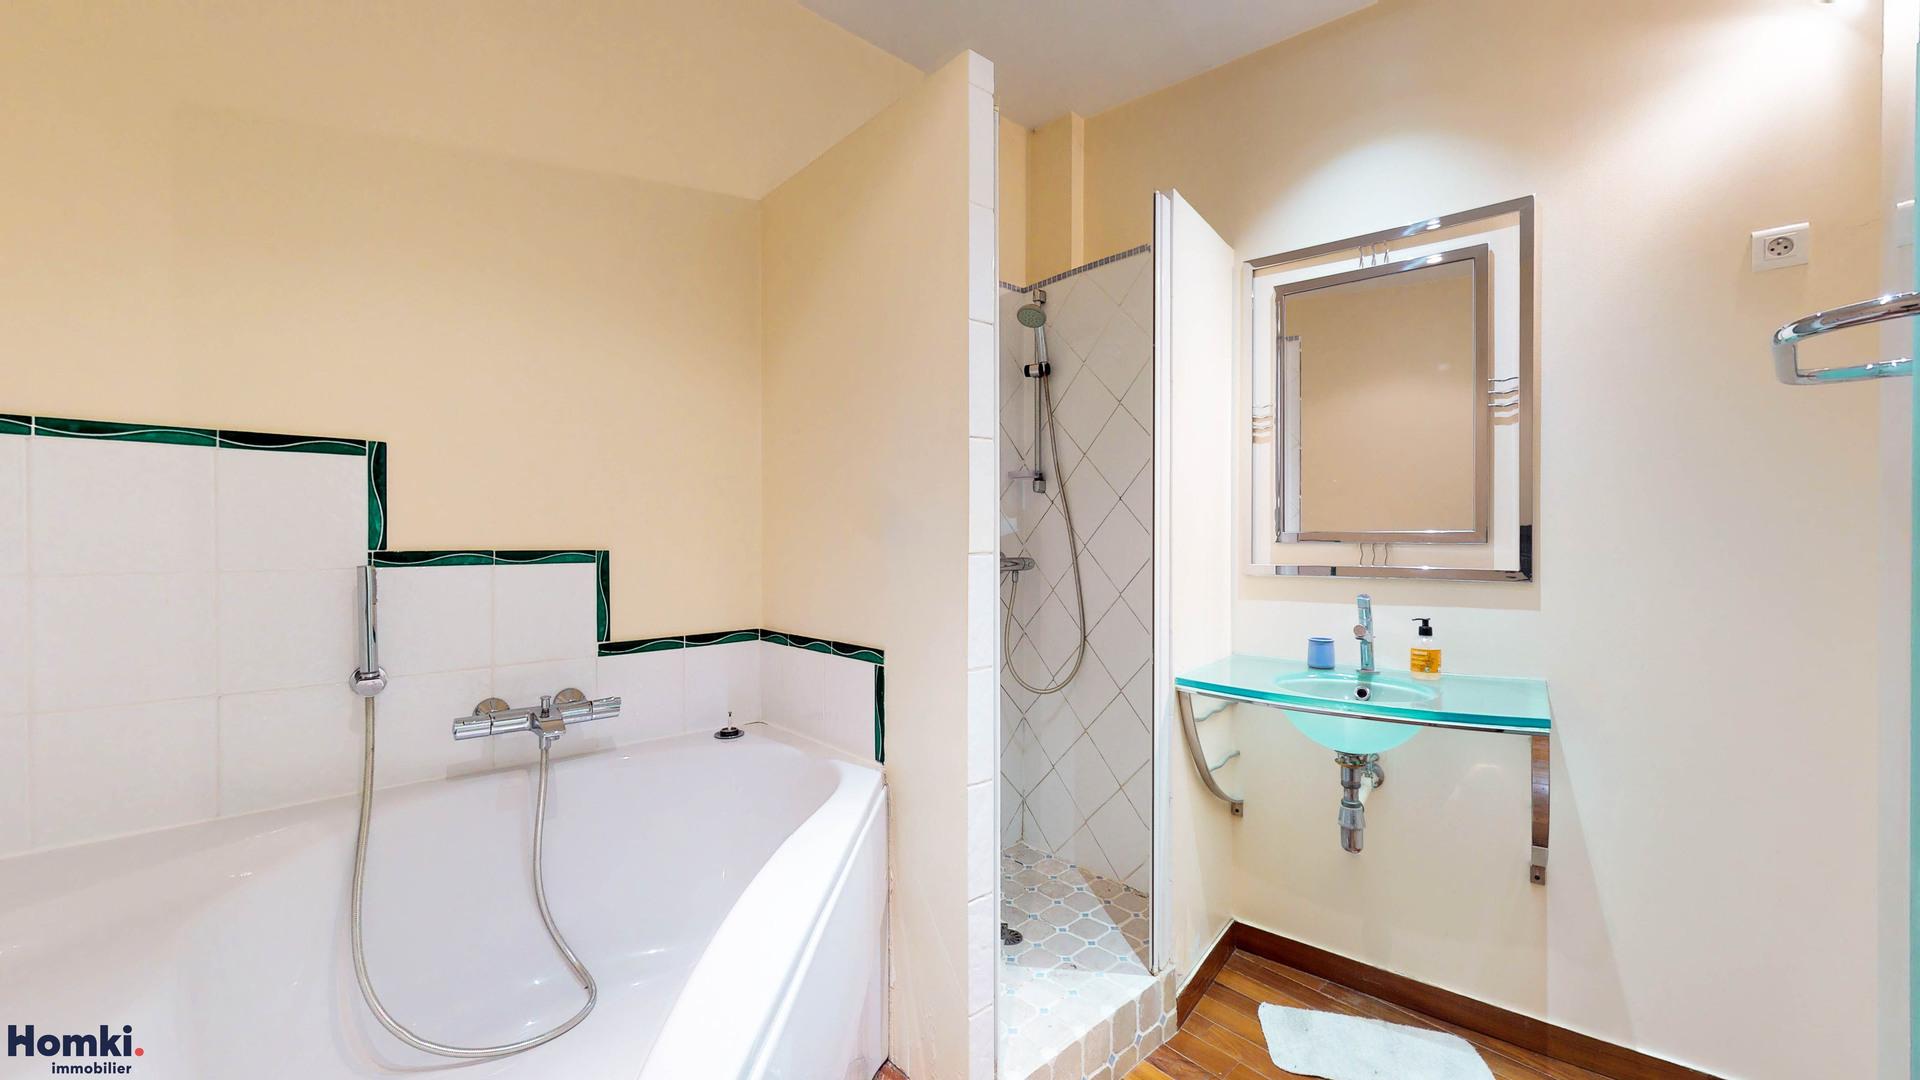 Vente Appartement 97 m² T4 13012_7